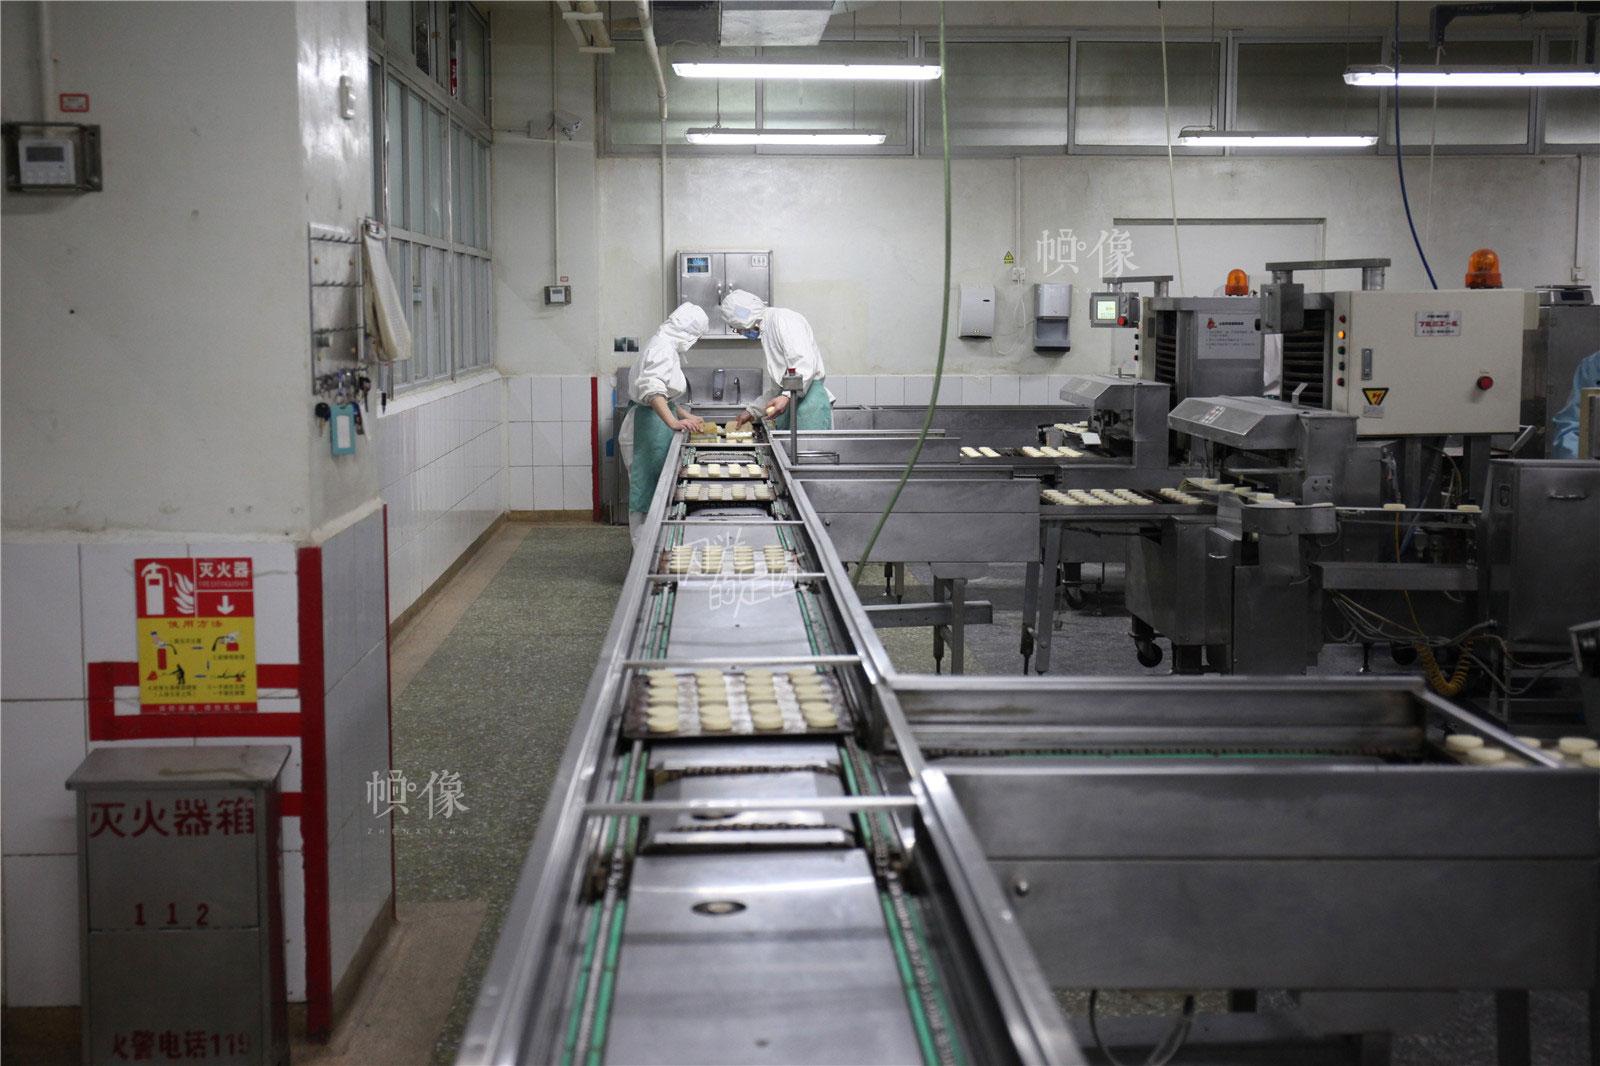 2017年3月2日,北京稻香村生产加工车间,手工制作好的糕点上流水线。中国网记者 高南 摄